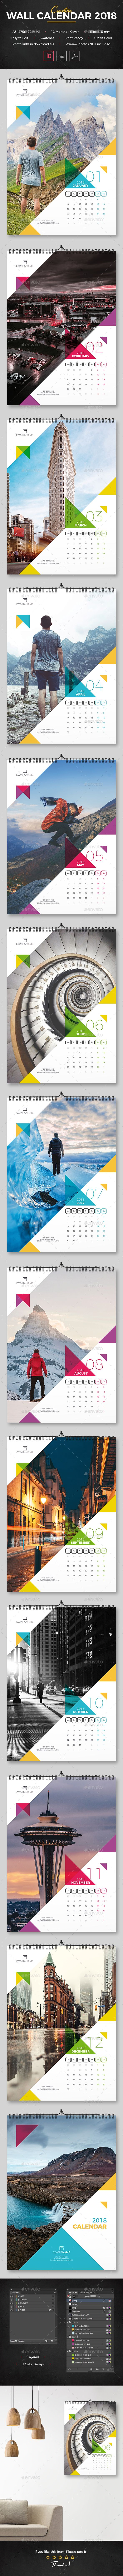 Wall Calendar 2018 | Pinterest | Proceso creativo, Promocionales y ...